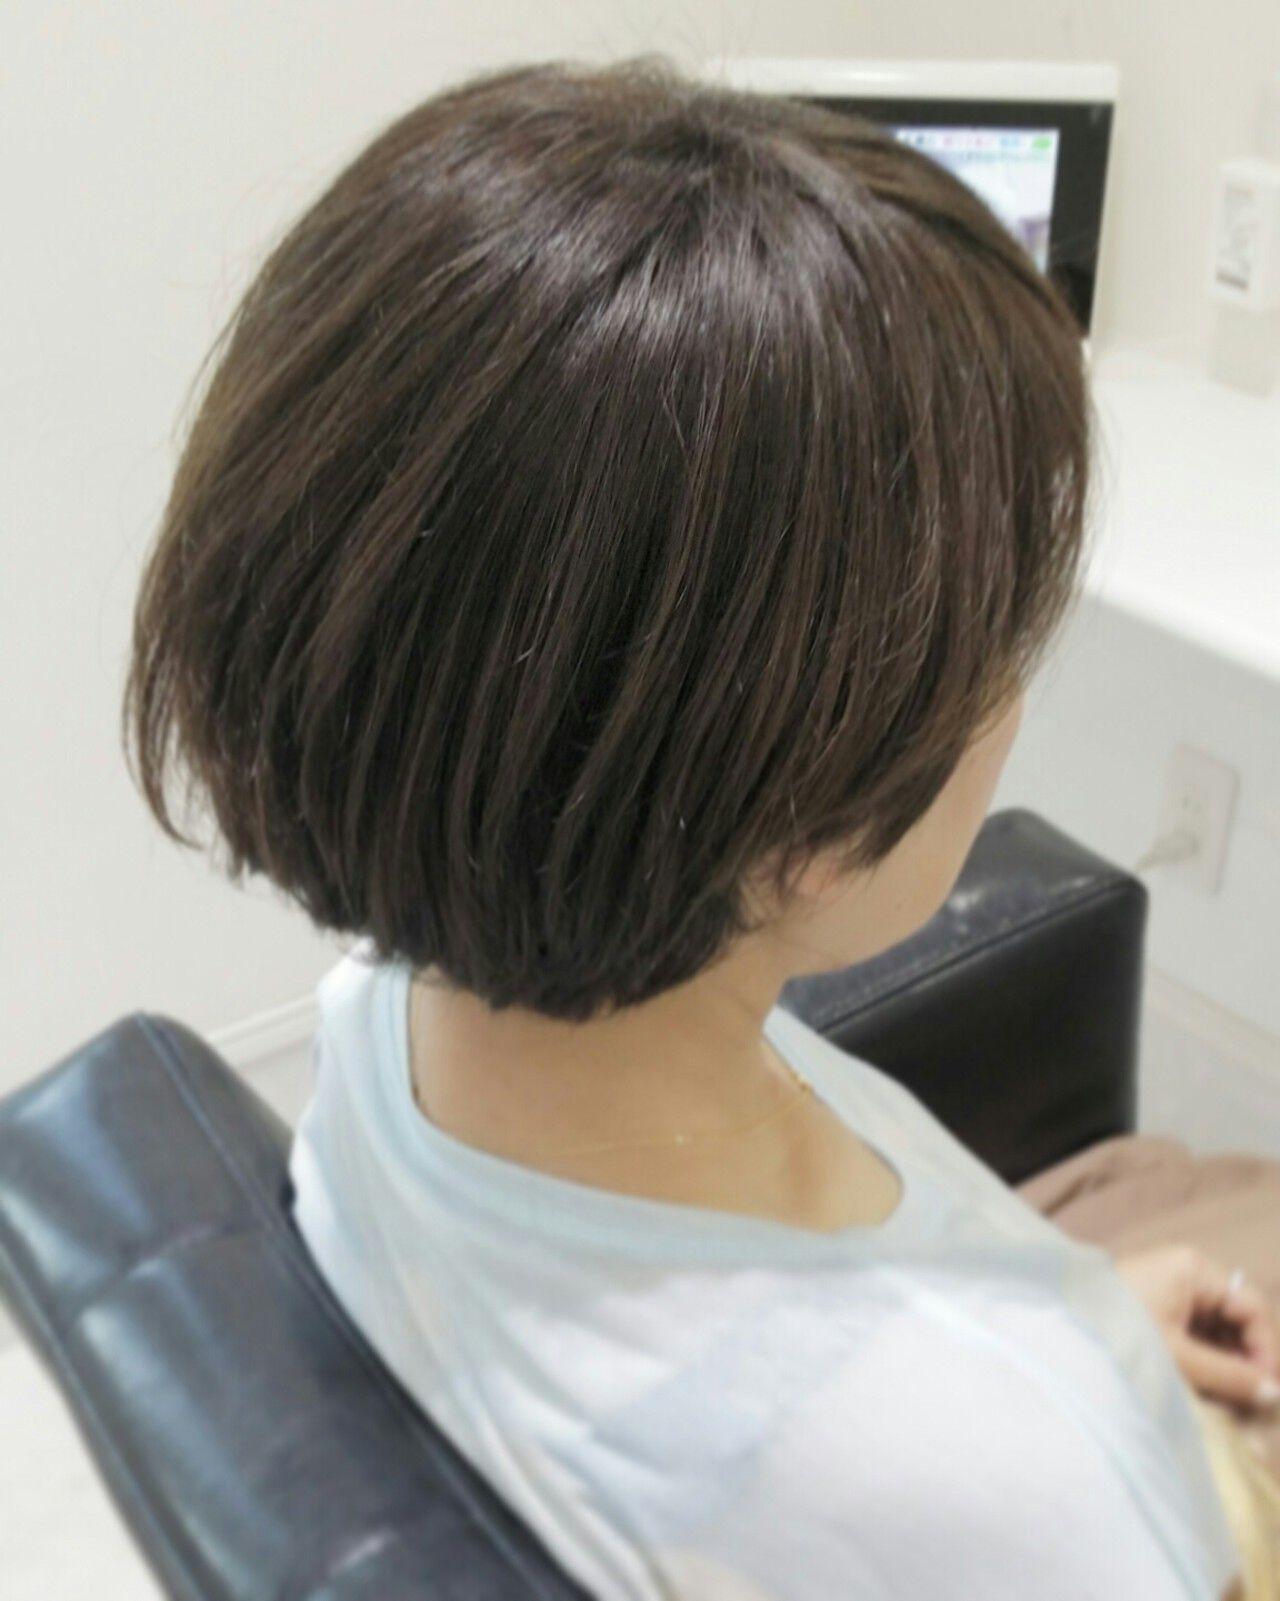 ボブ 暗髪 モード ショートヘアスタイルや髪型の写真・画像